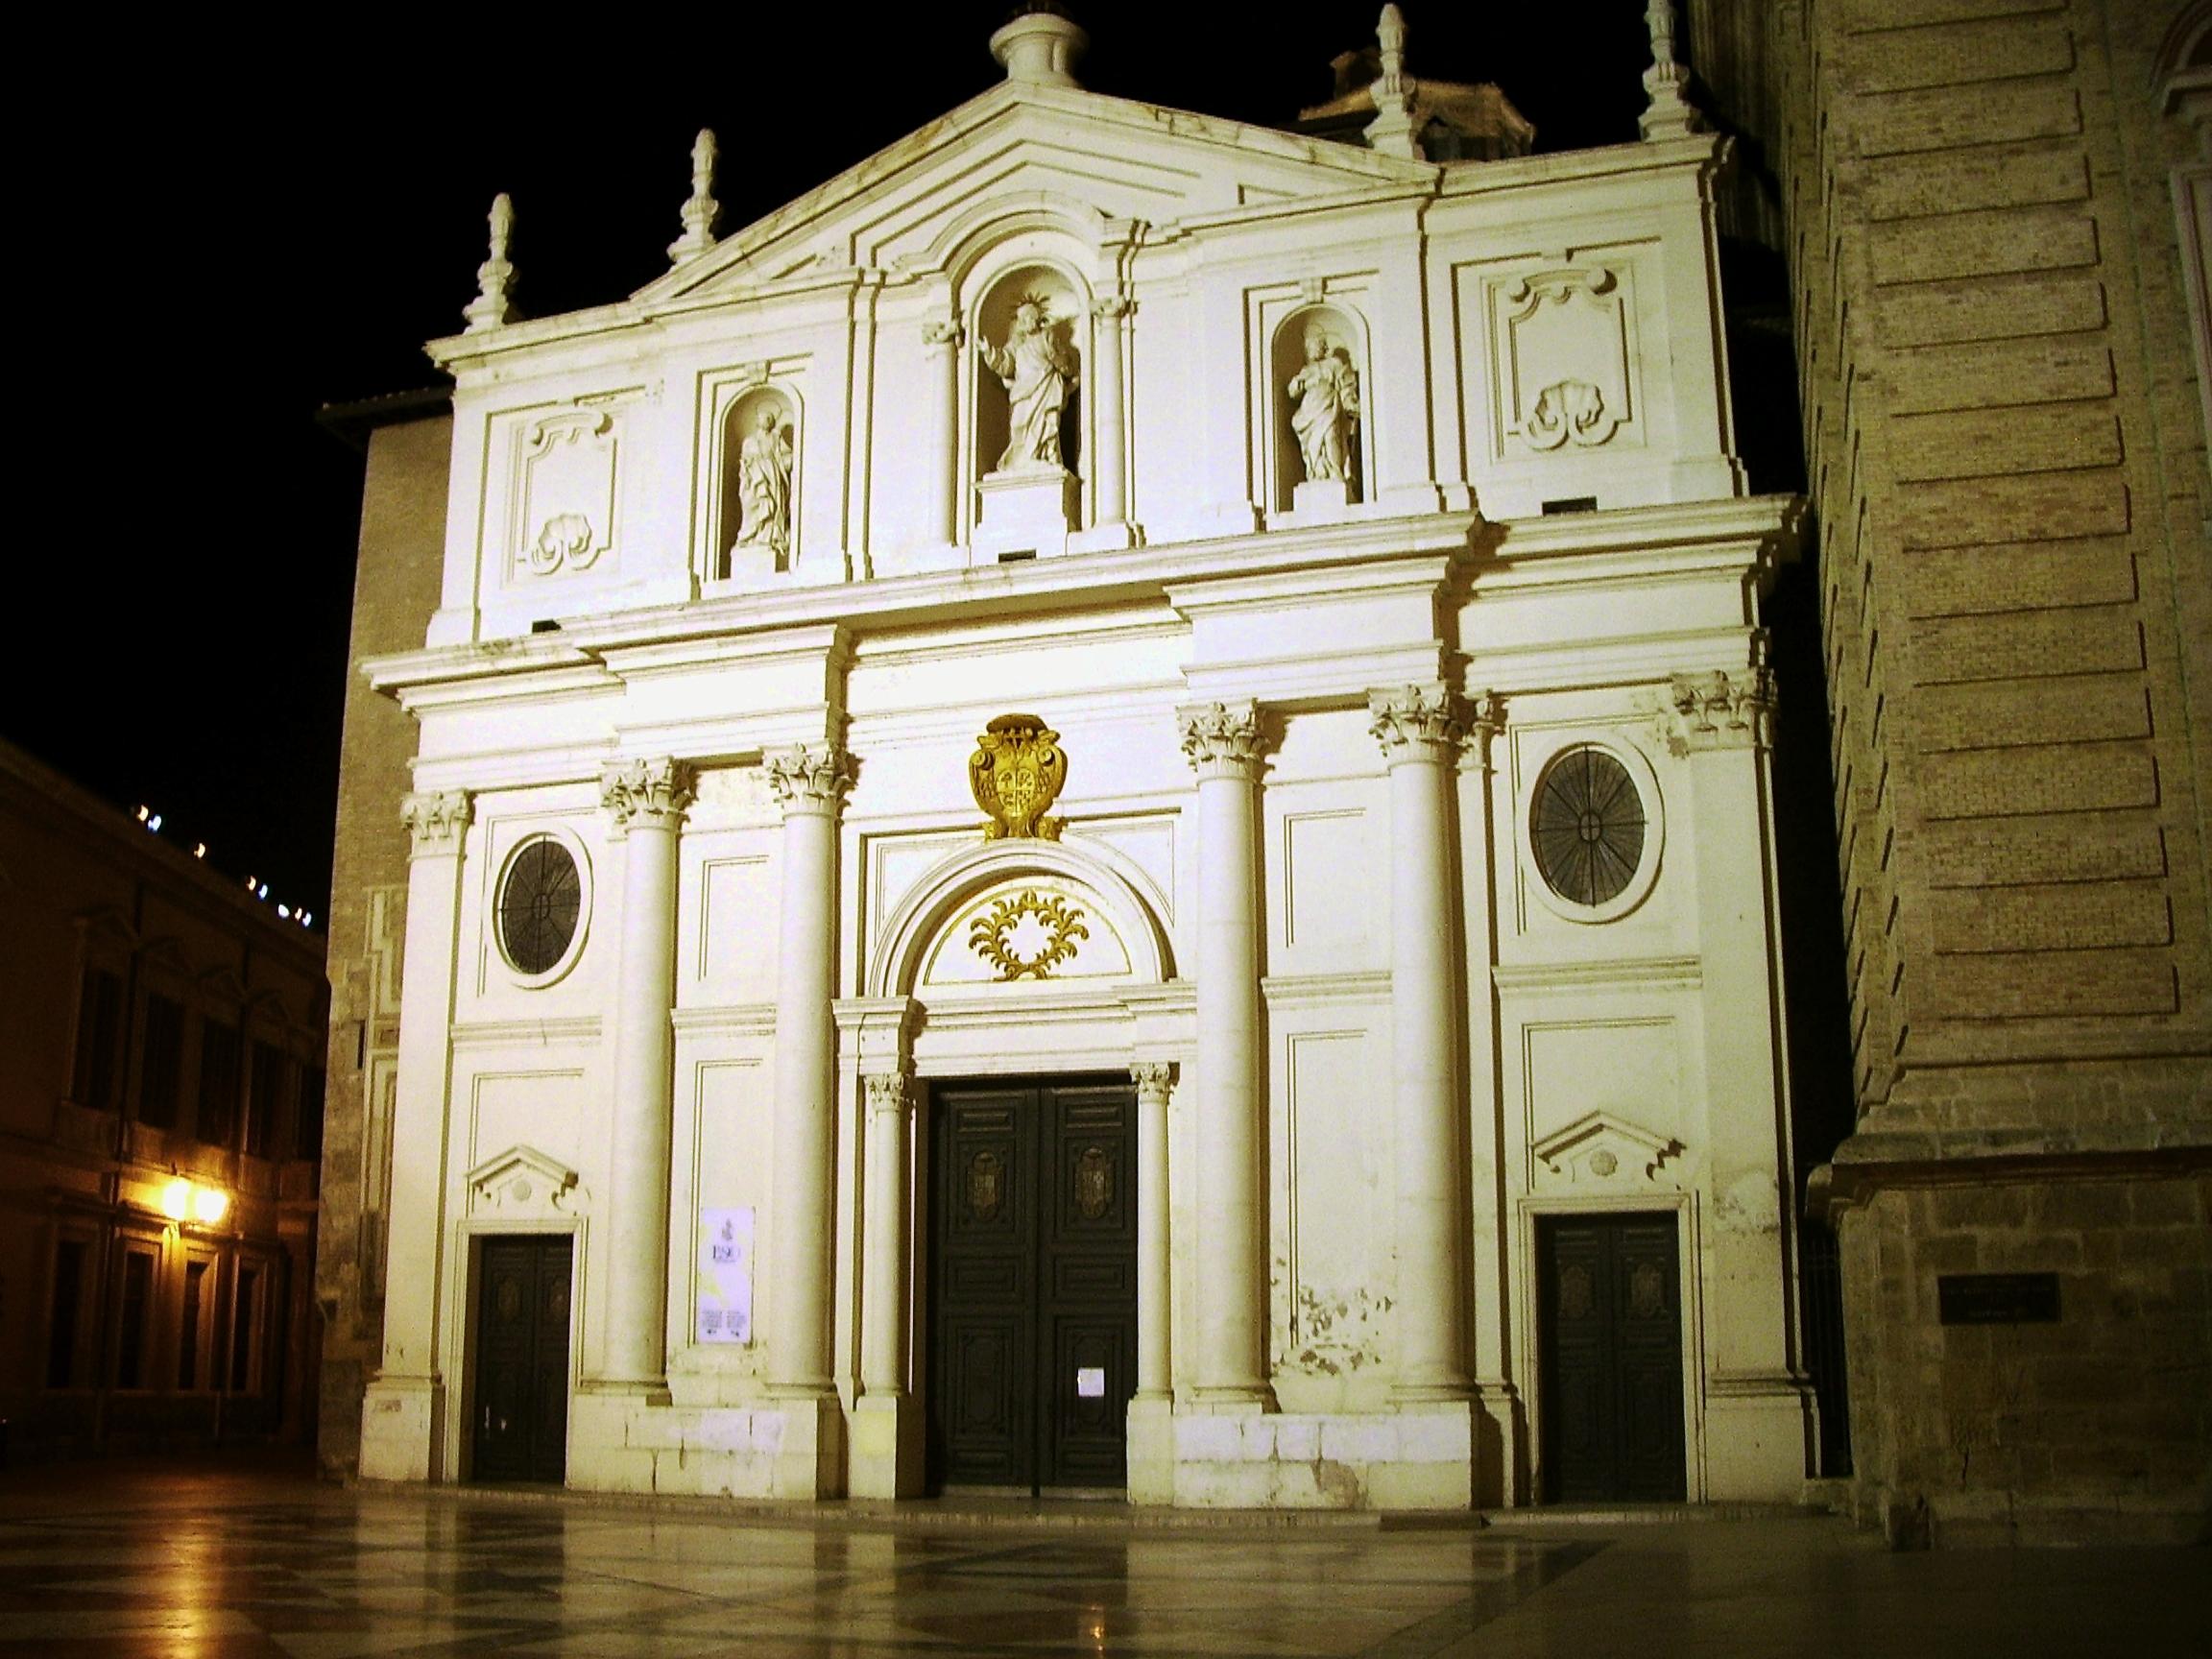 Historia de la Catedral del Salvador de Zaragoza - Wikiwand